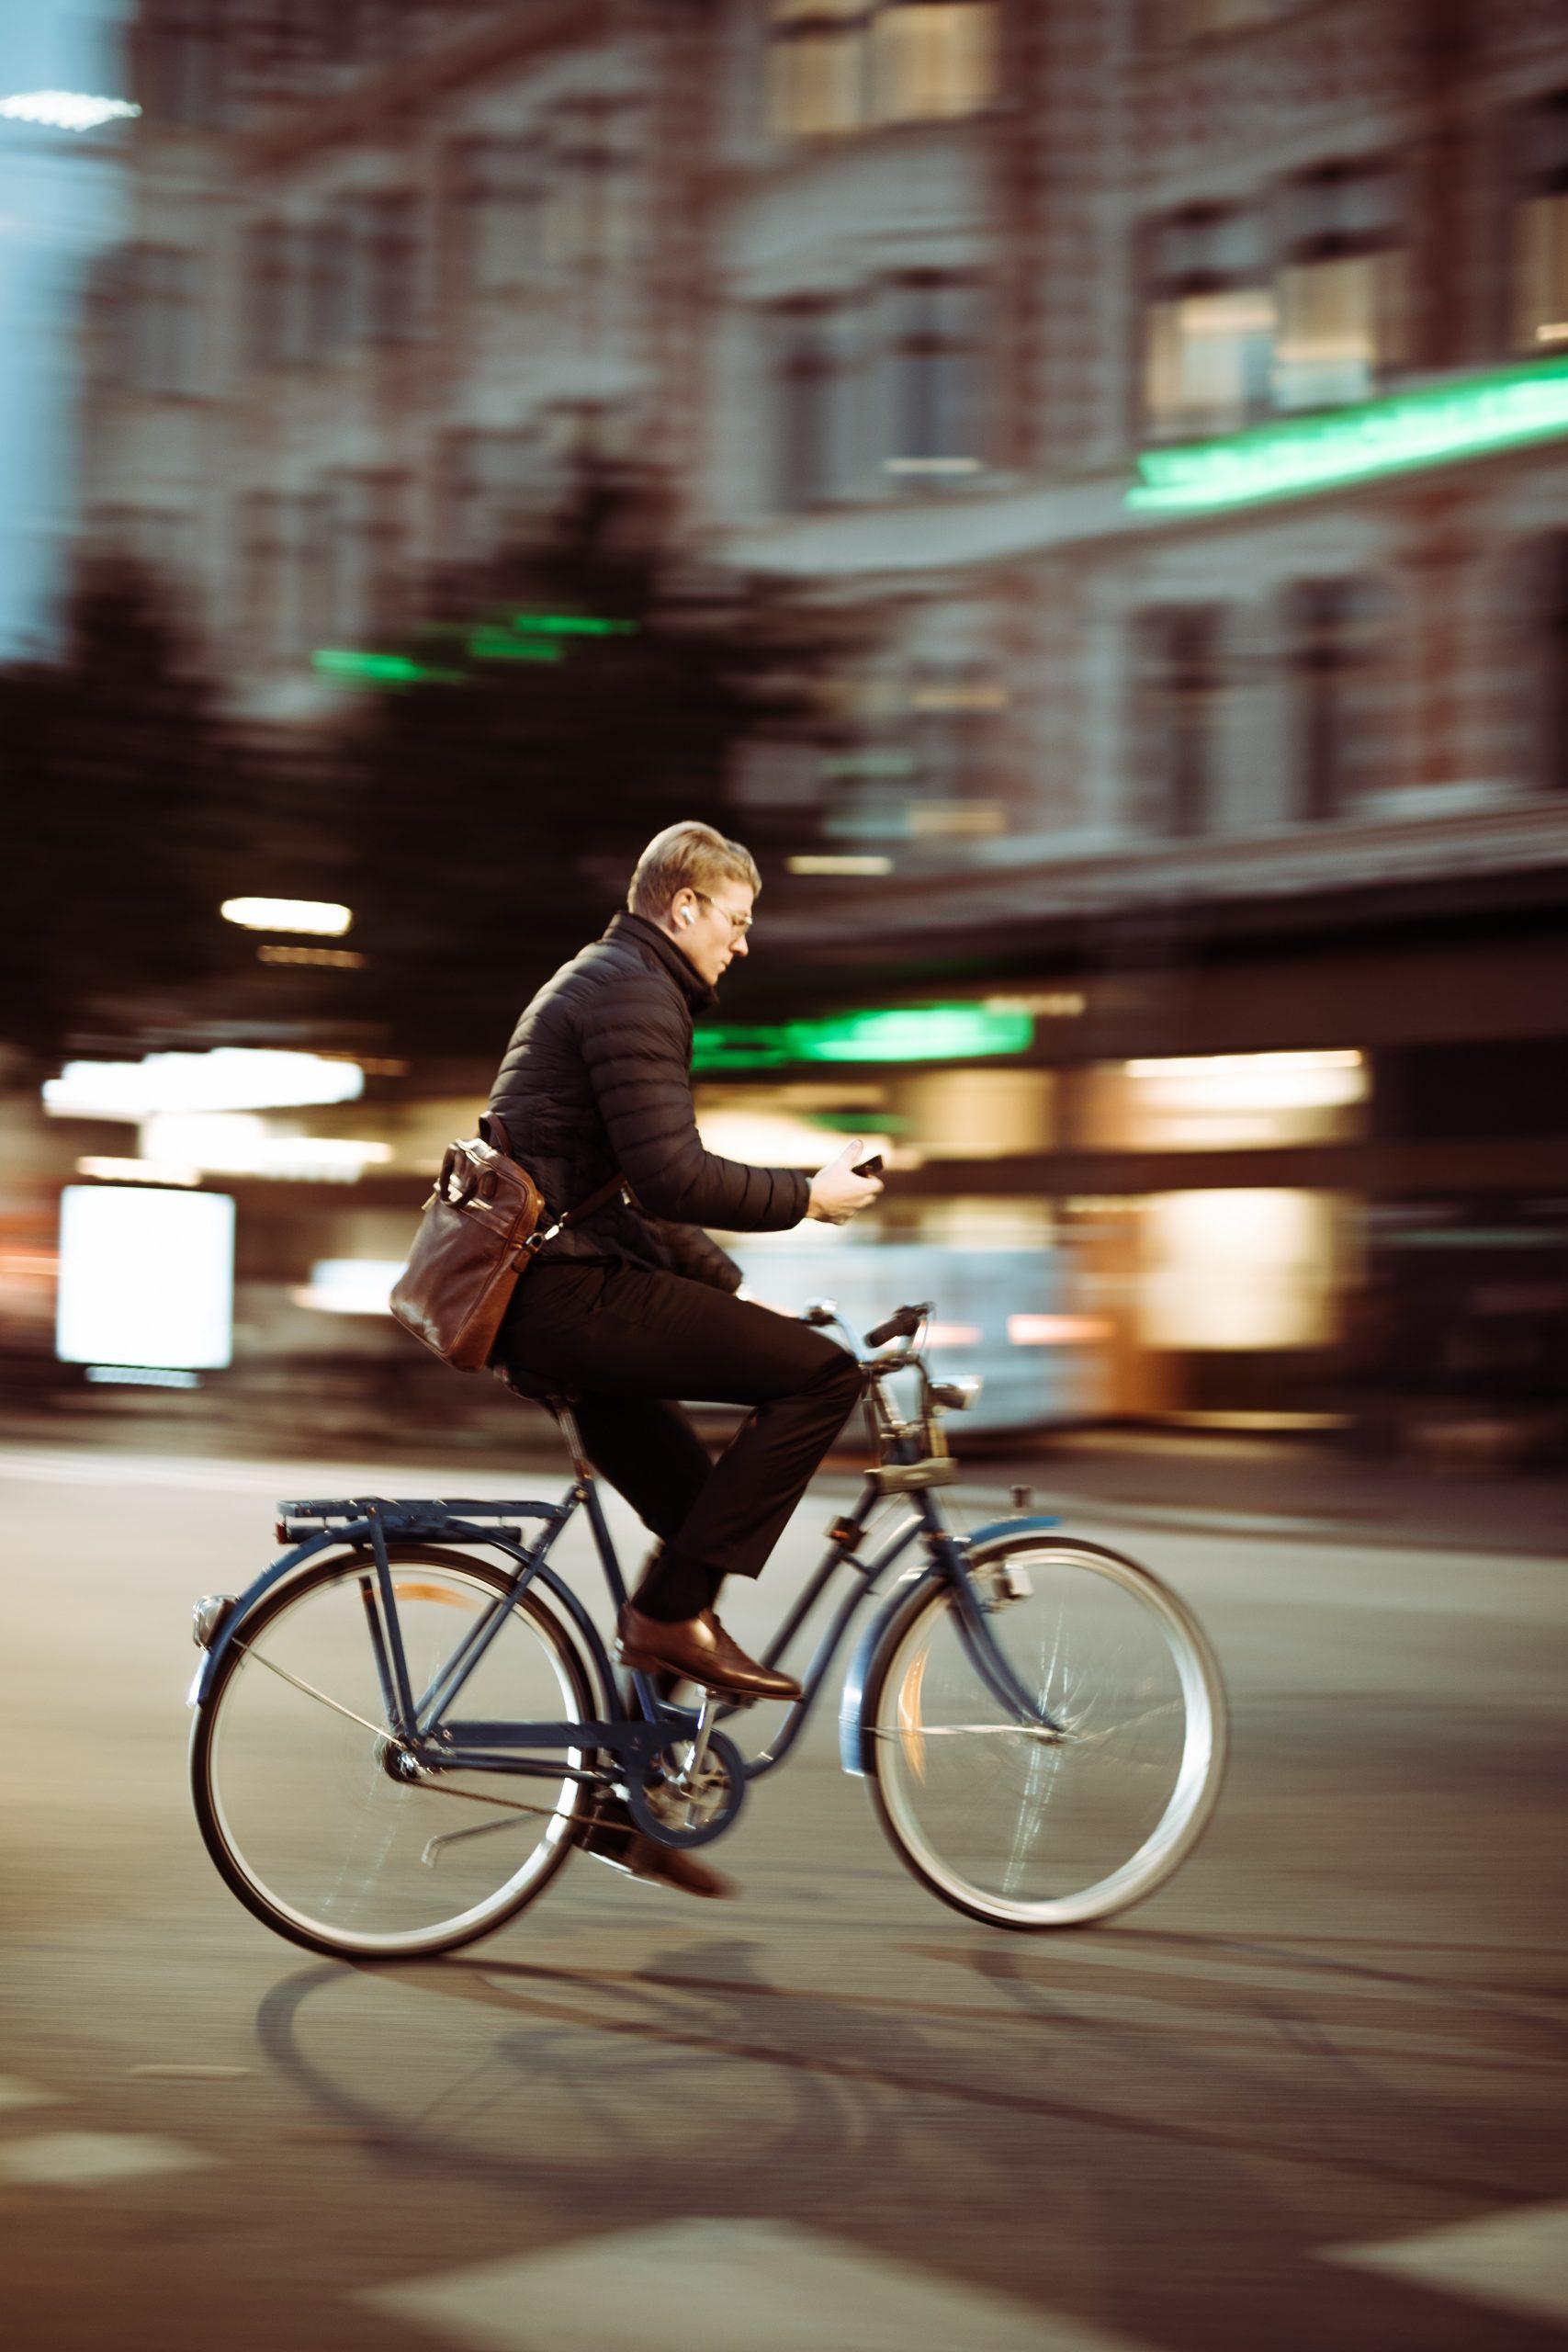 Vélo urbain Bike and repair réparation